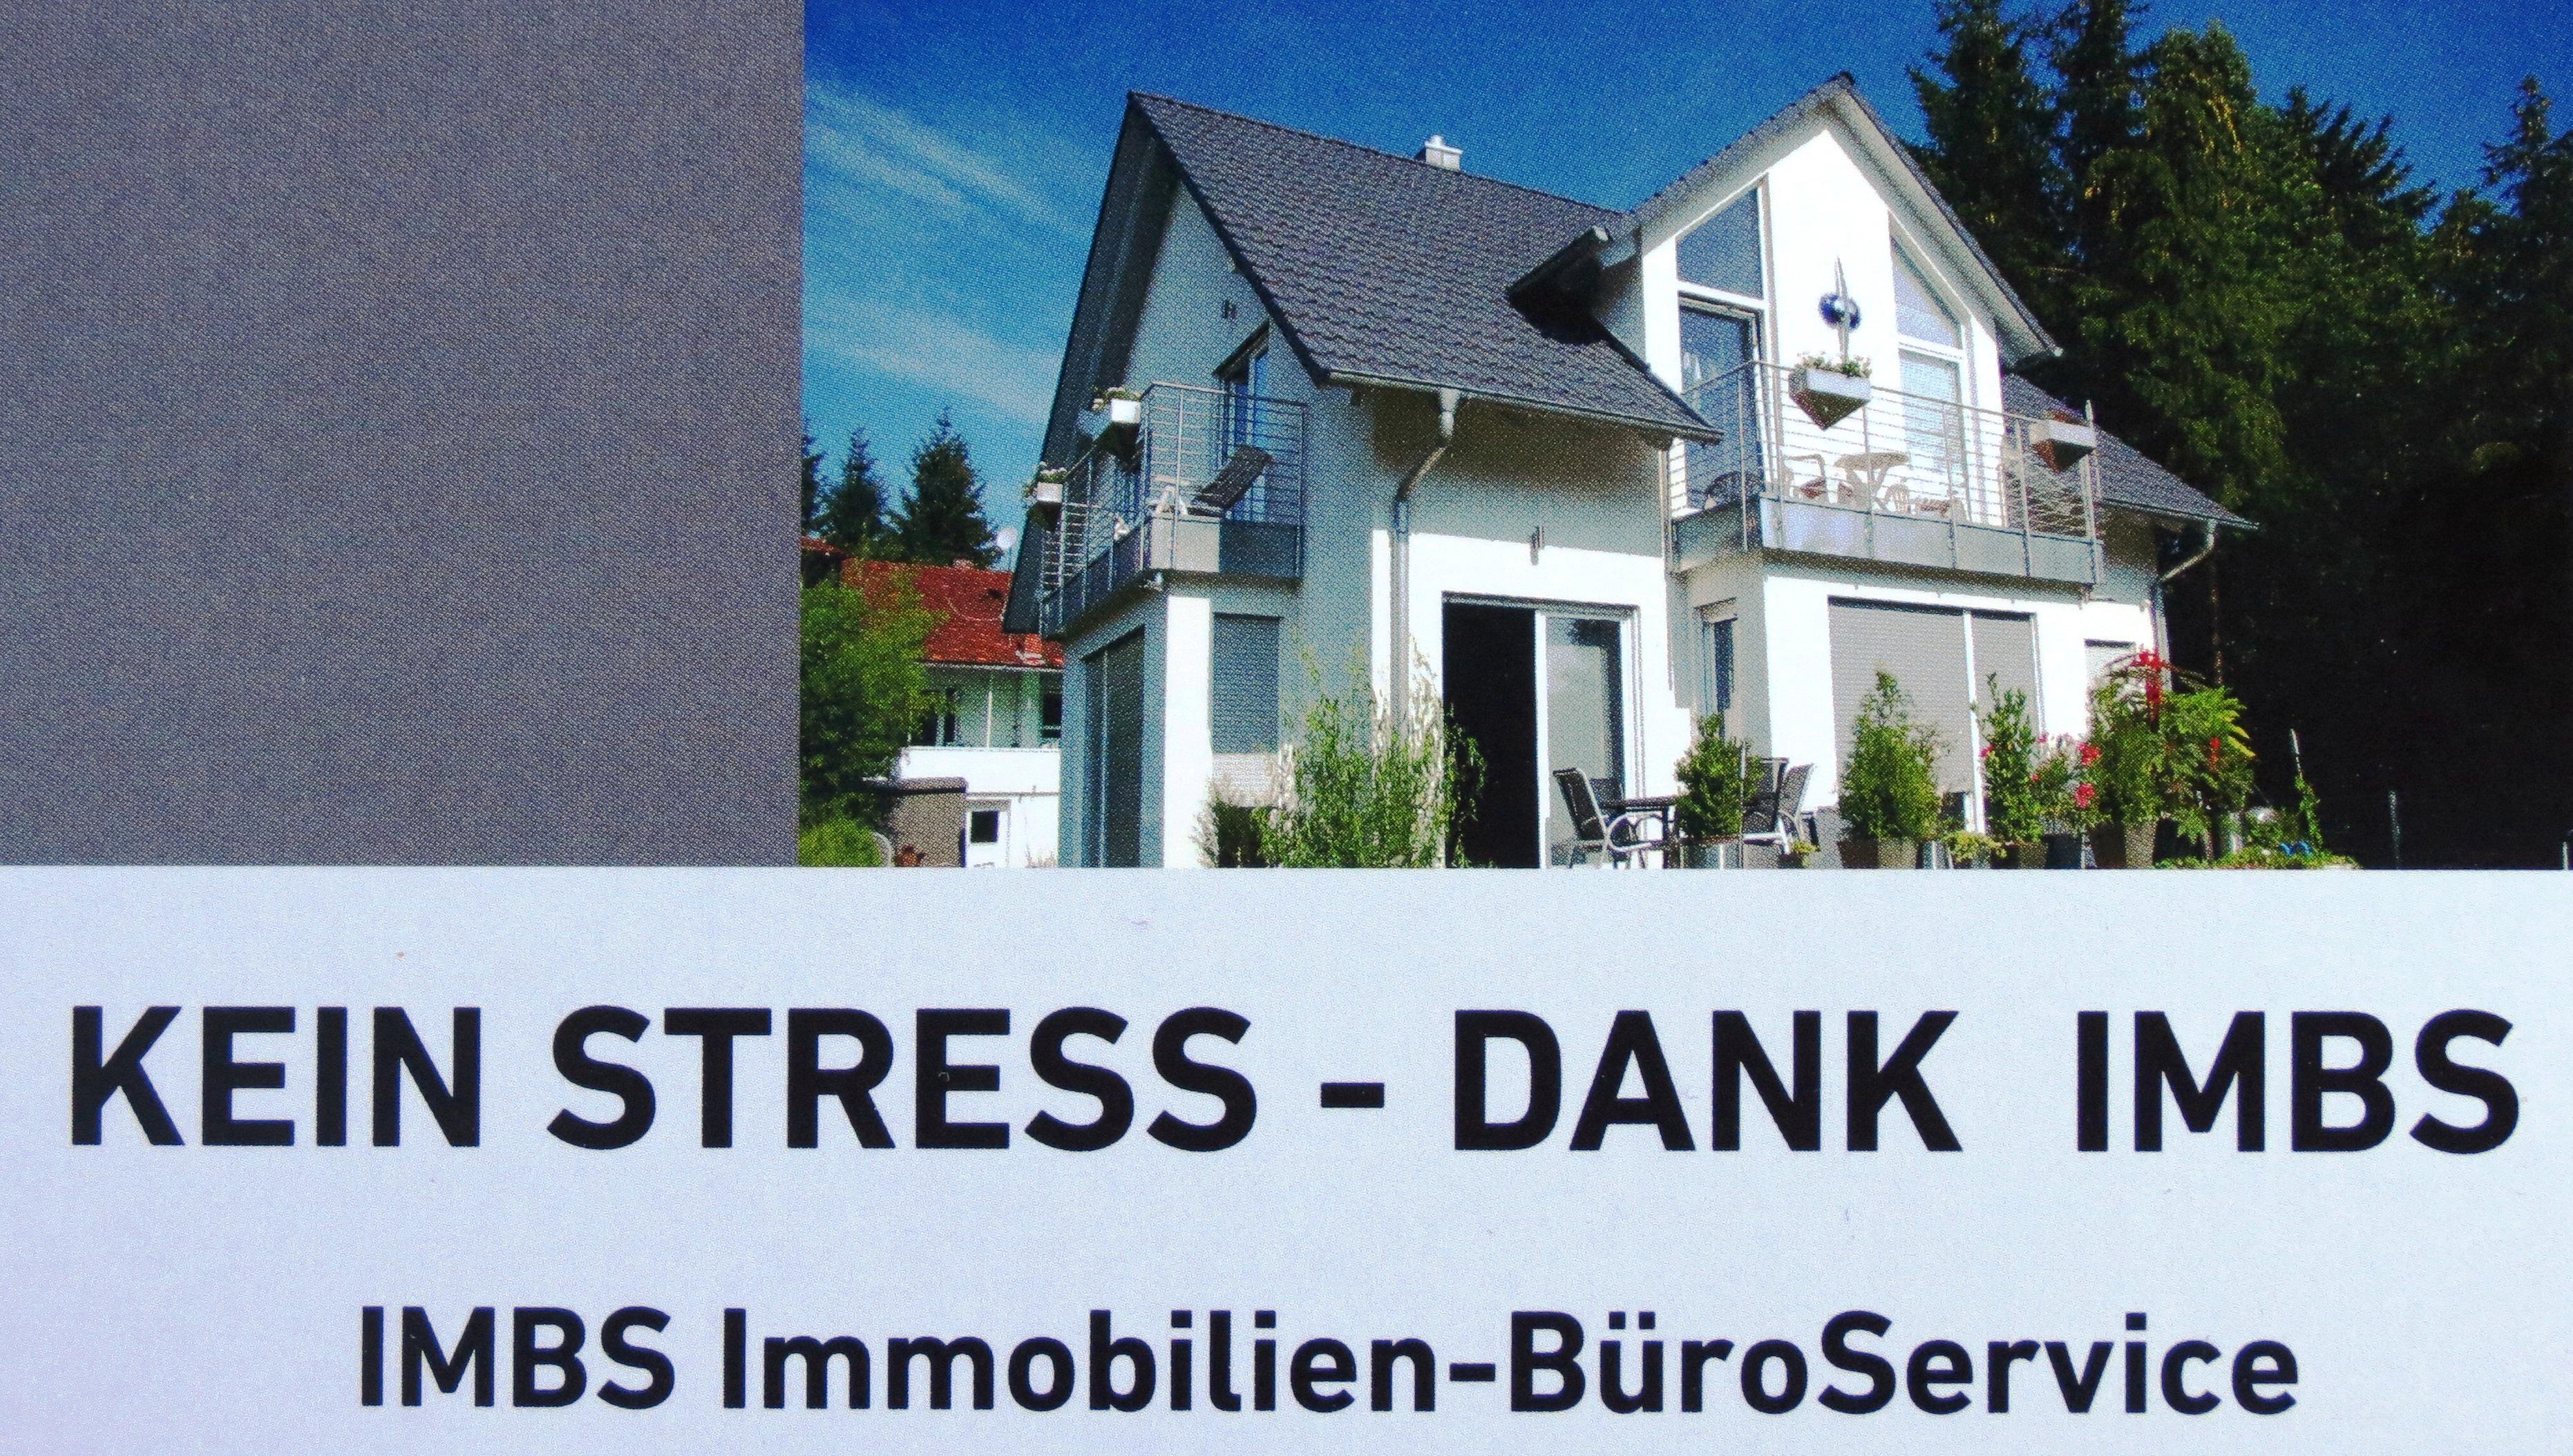 Hier sehen Sie das Logo von IMBS Immobilien-BüroService